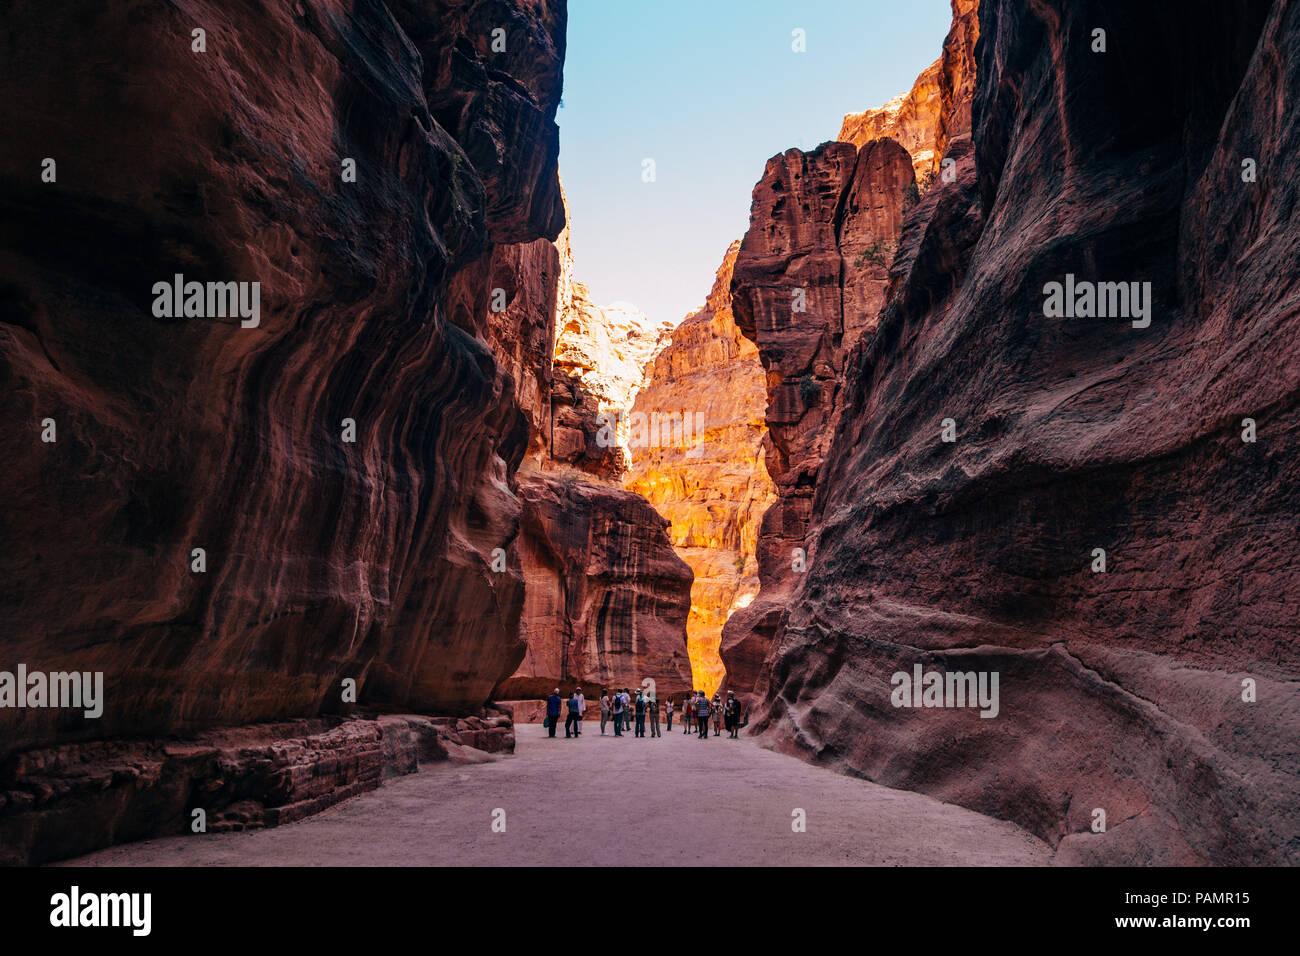 Un gruppo di tour passeggiate lungo il sentiero principale in Petra, Giordania. Il canyon è stato scolpito nella roccia frazionamento durante un terremoto Immagini Stock